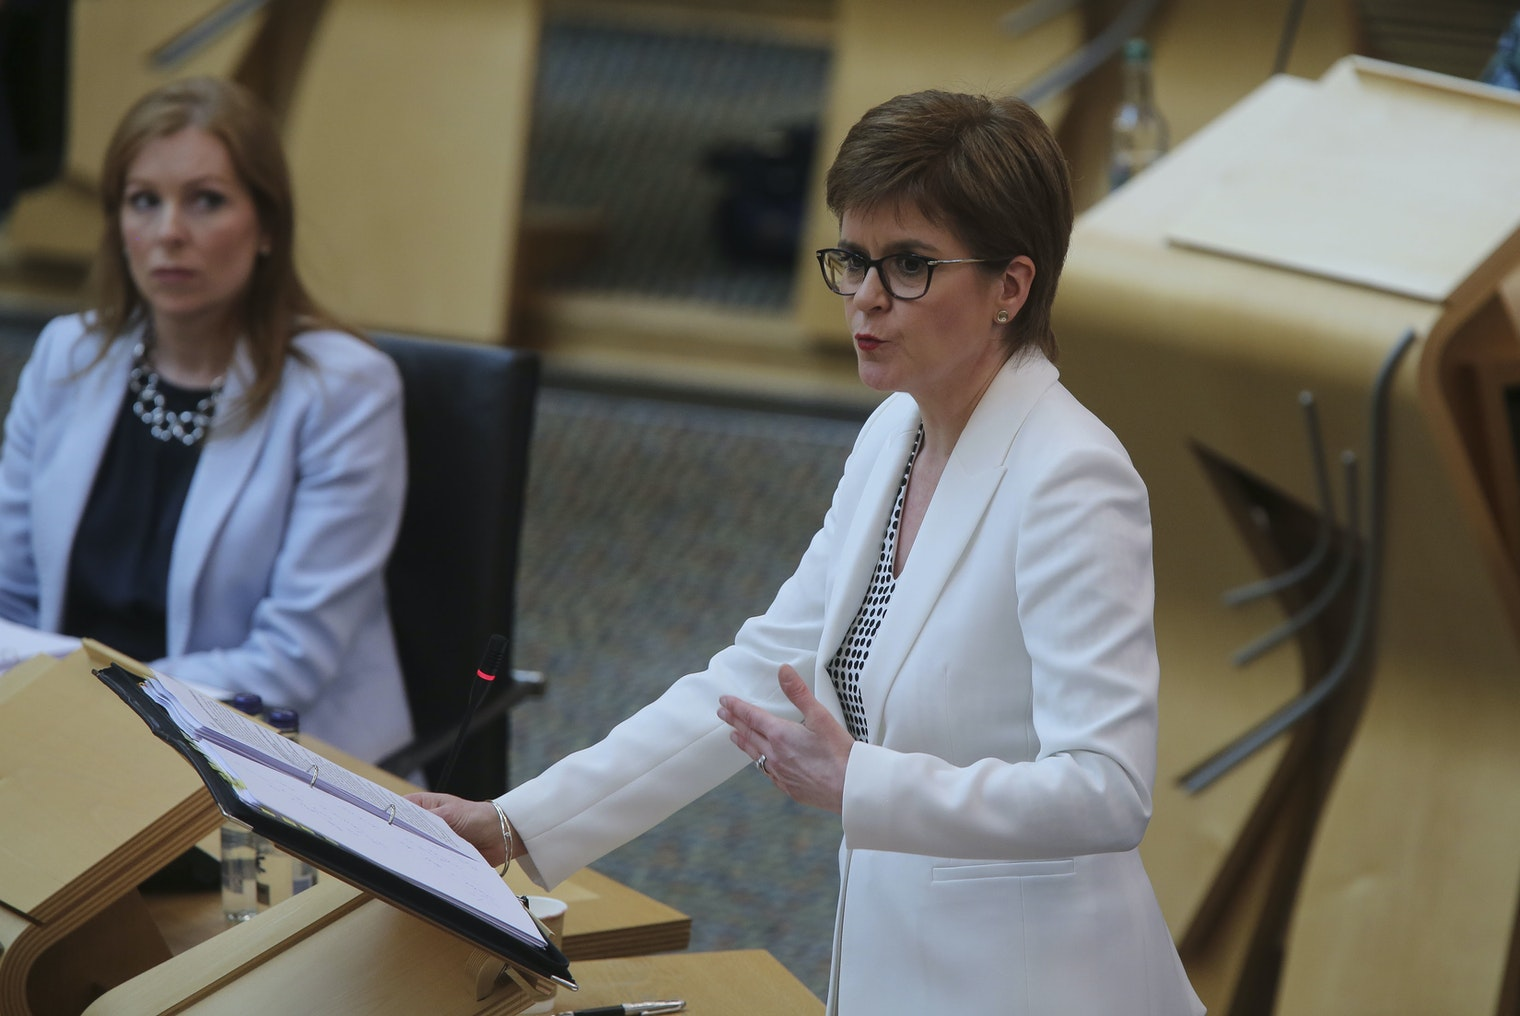 www.thenational.scot